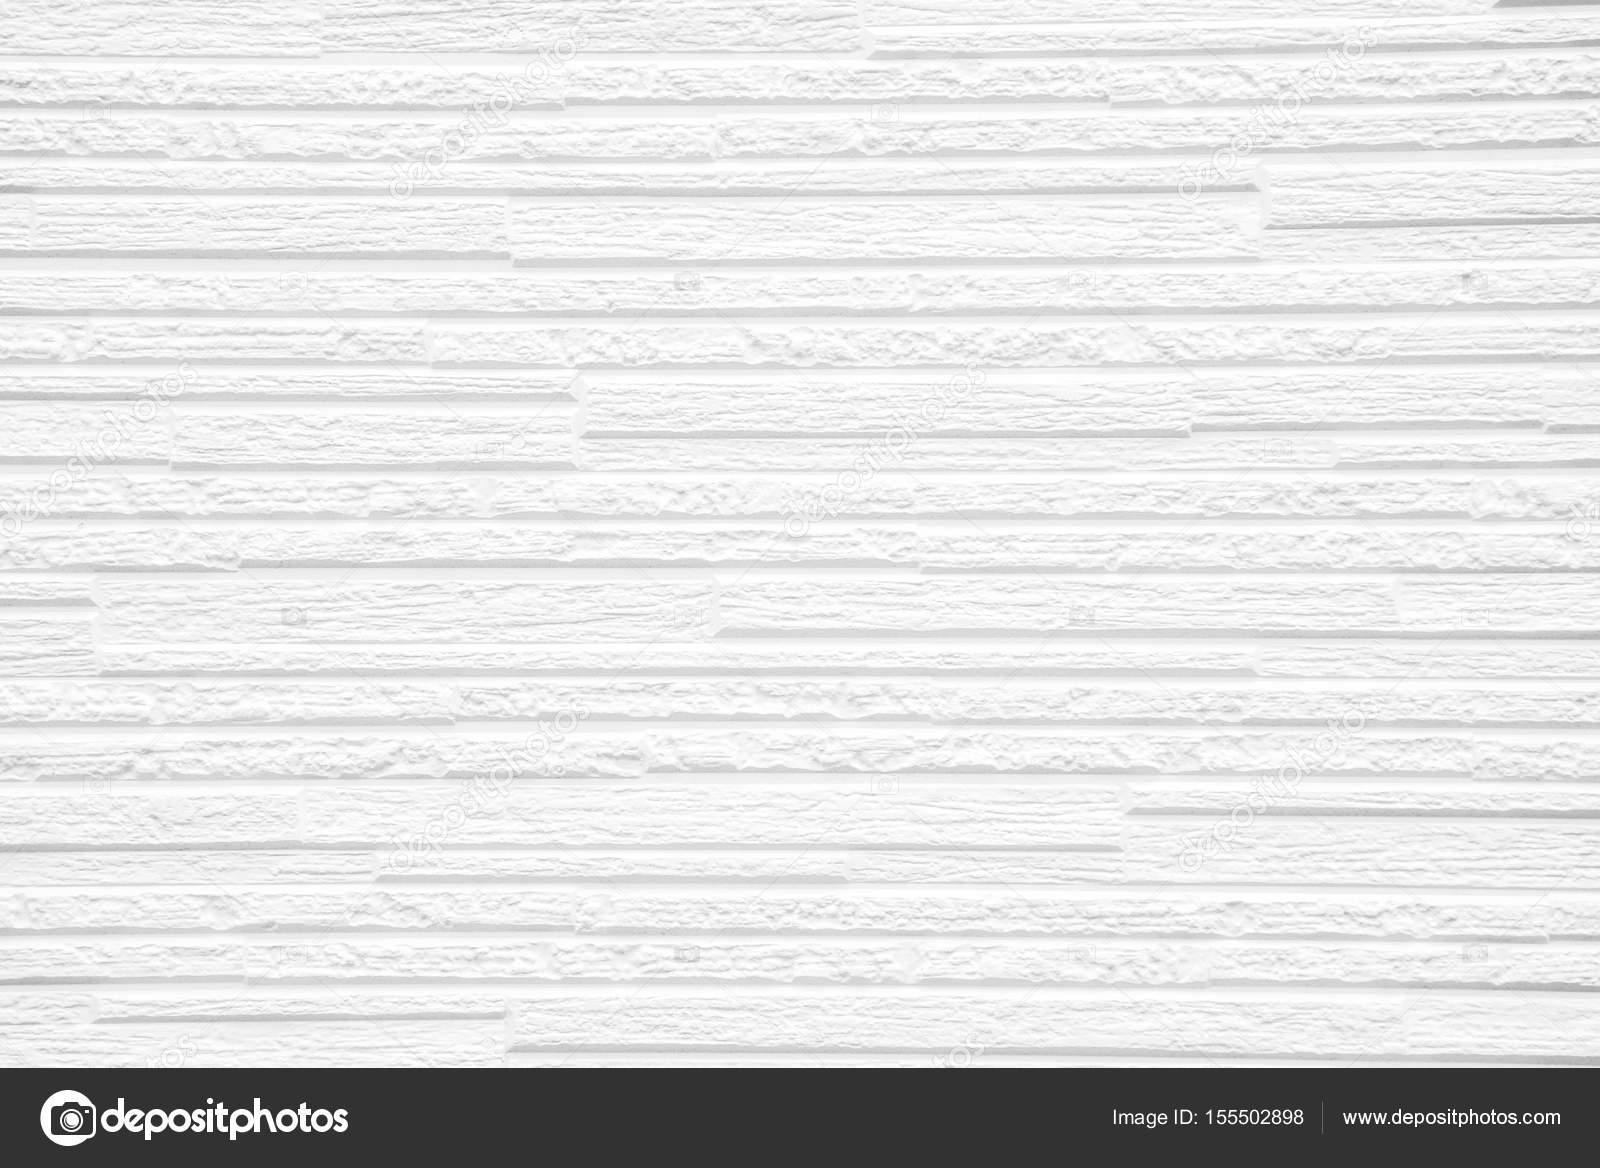 fond de texture de panneau en bois blanc photographie. Black Bedroom Furniture Sets. Home Design Ideas